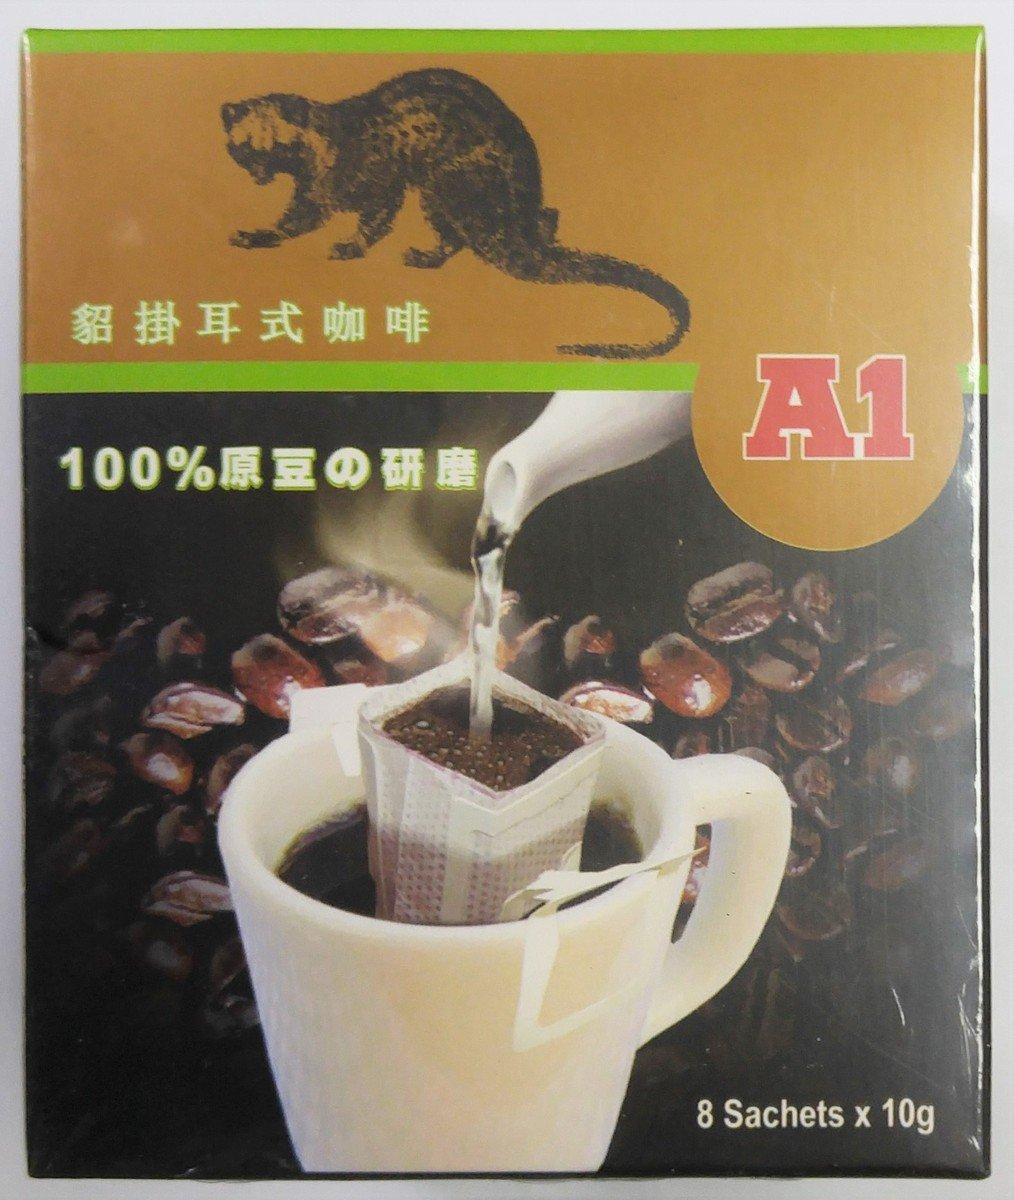 A1 傳統掛耳滴漏式貂咖啡 , 80克(10克 x 8條)